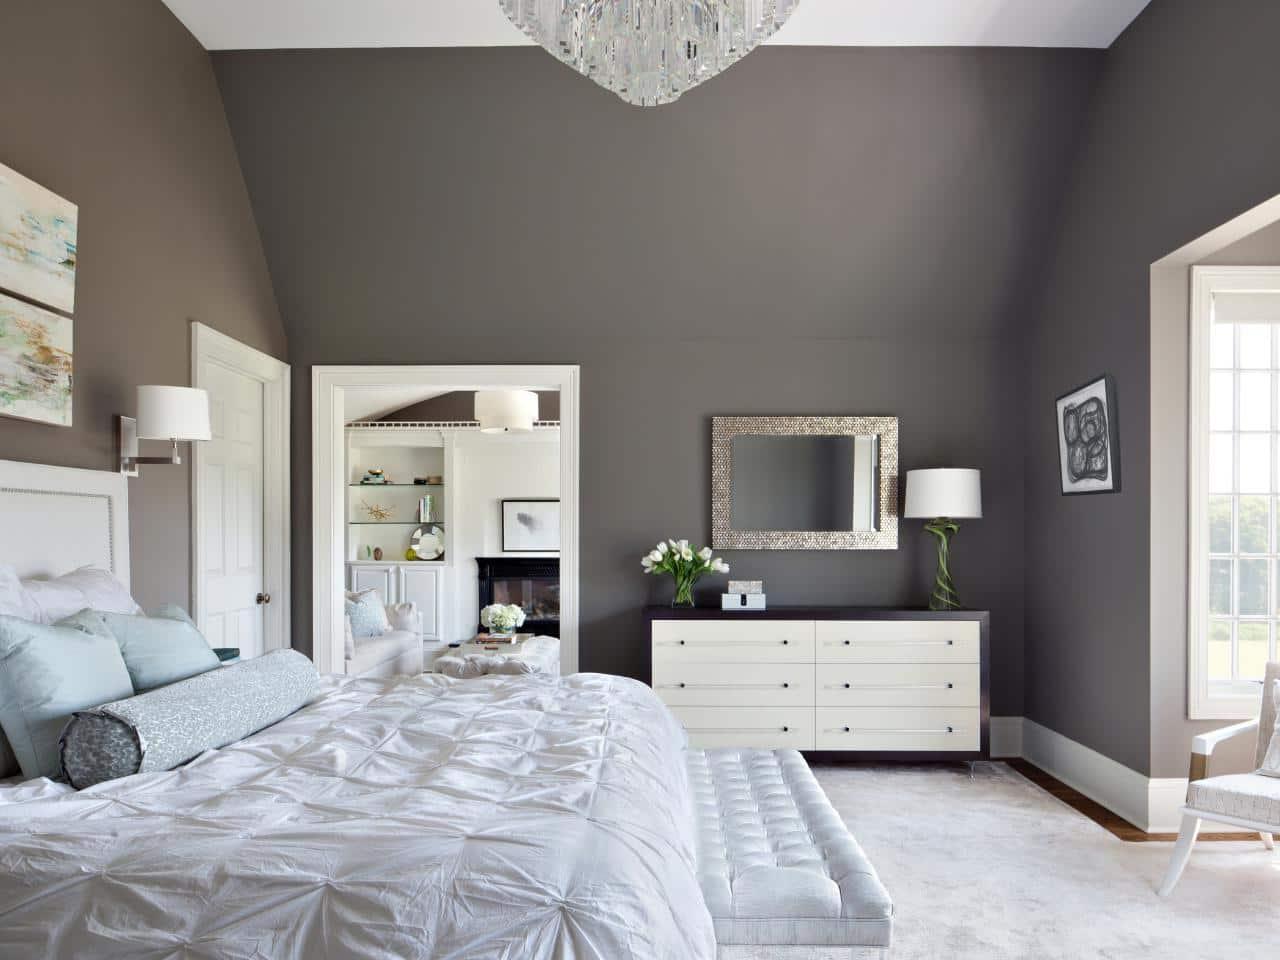 Выполнить оклейку комнаты обоями под покраску следует после предварительной подготовки стен